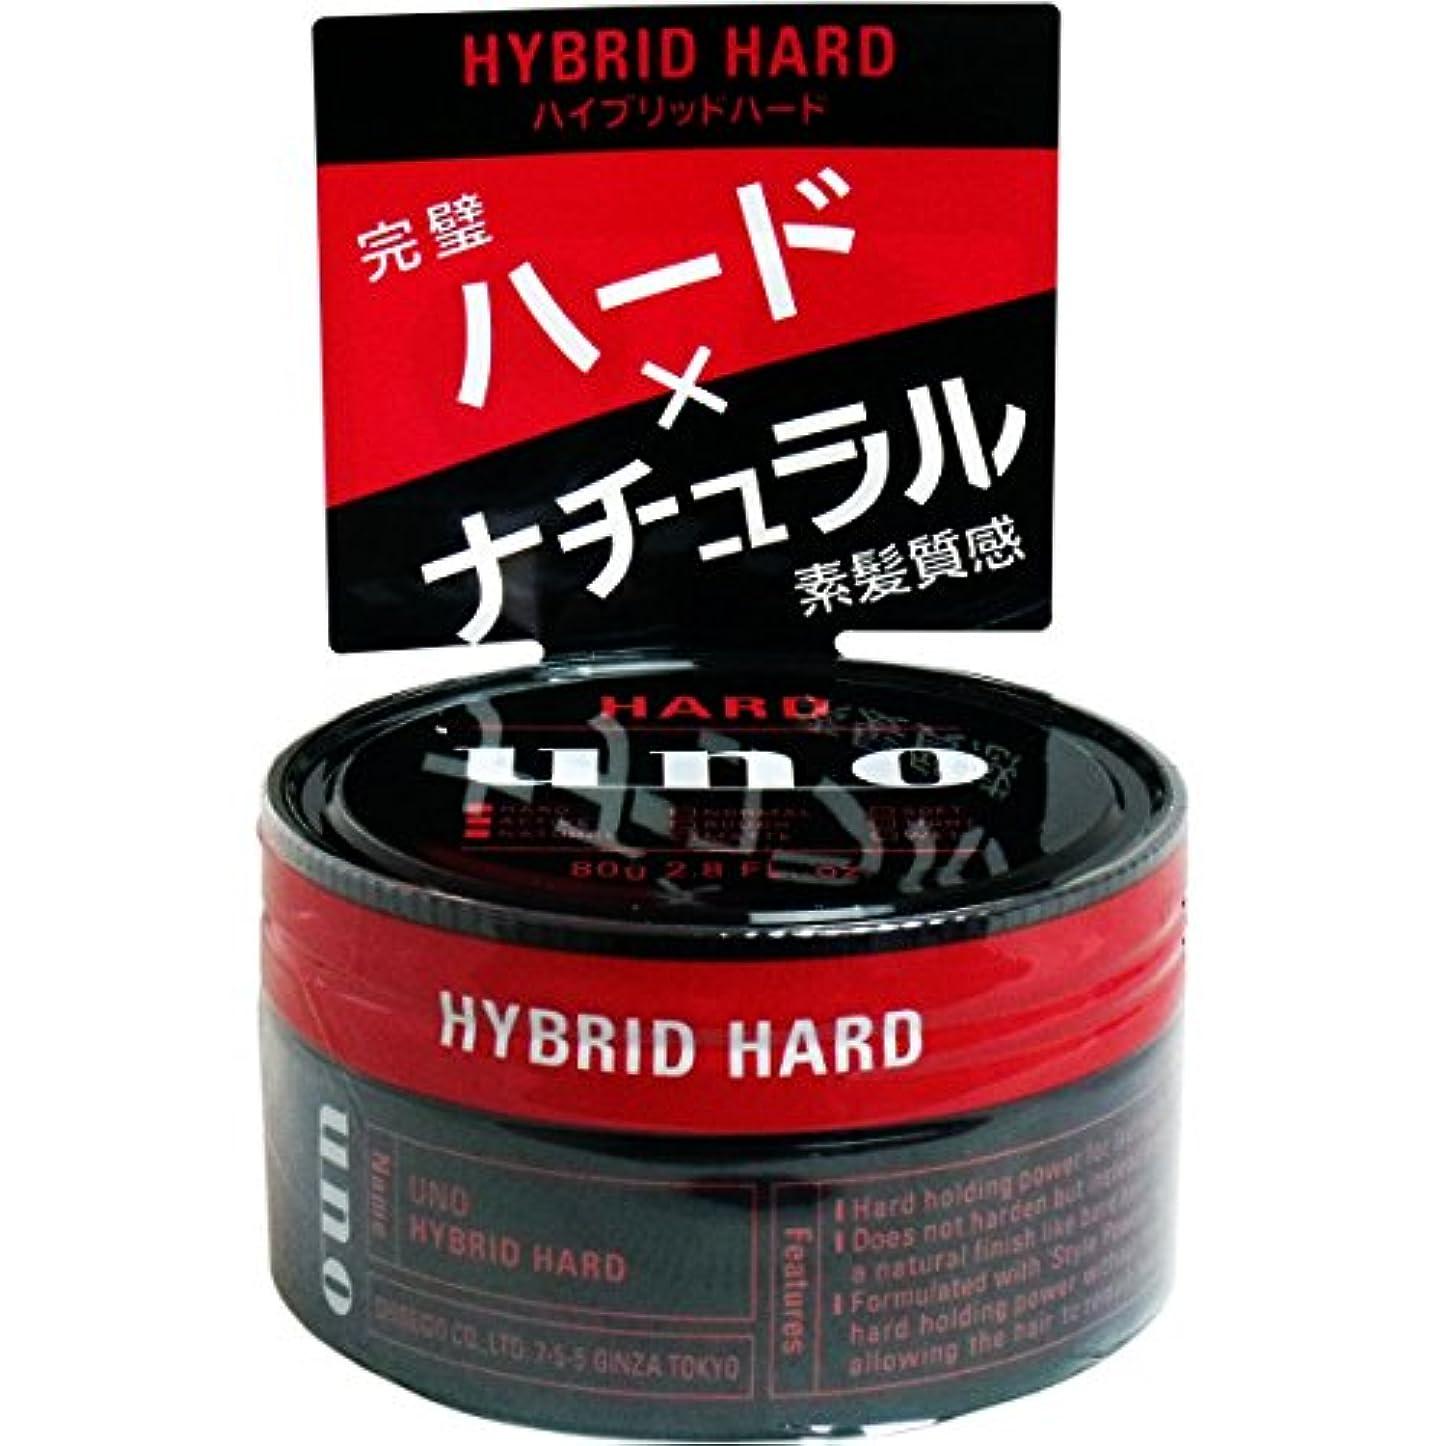 水平ゴミ呼吸するウーノ ハイブリッドハード 80g ワックス×3